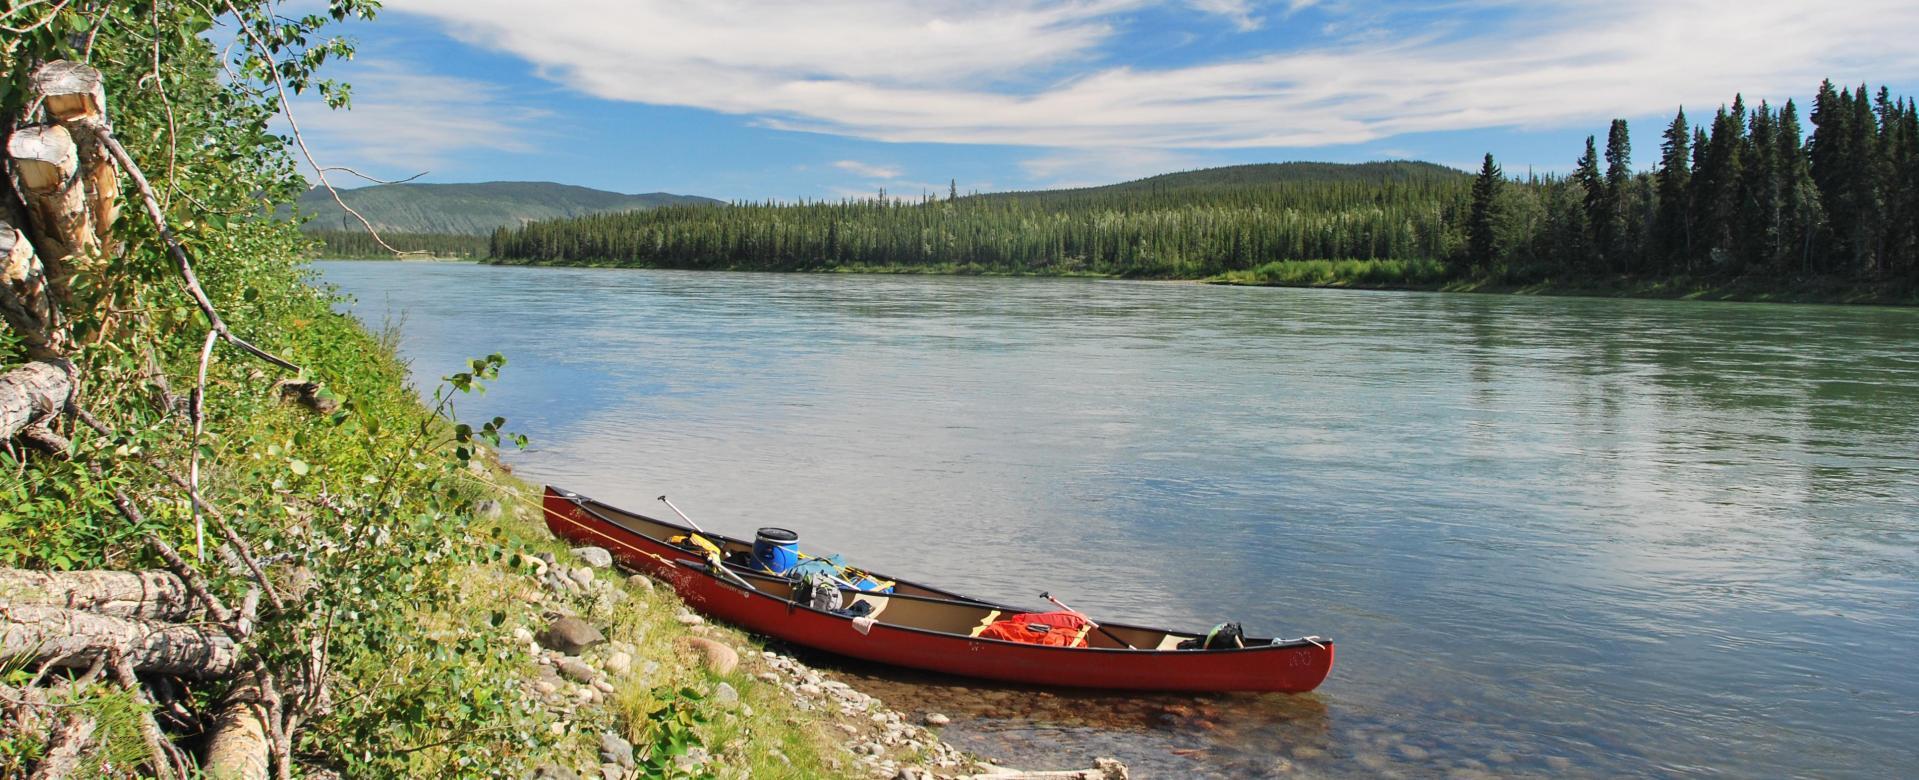 Voyage sur l'eau : Canot sur la yukon river